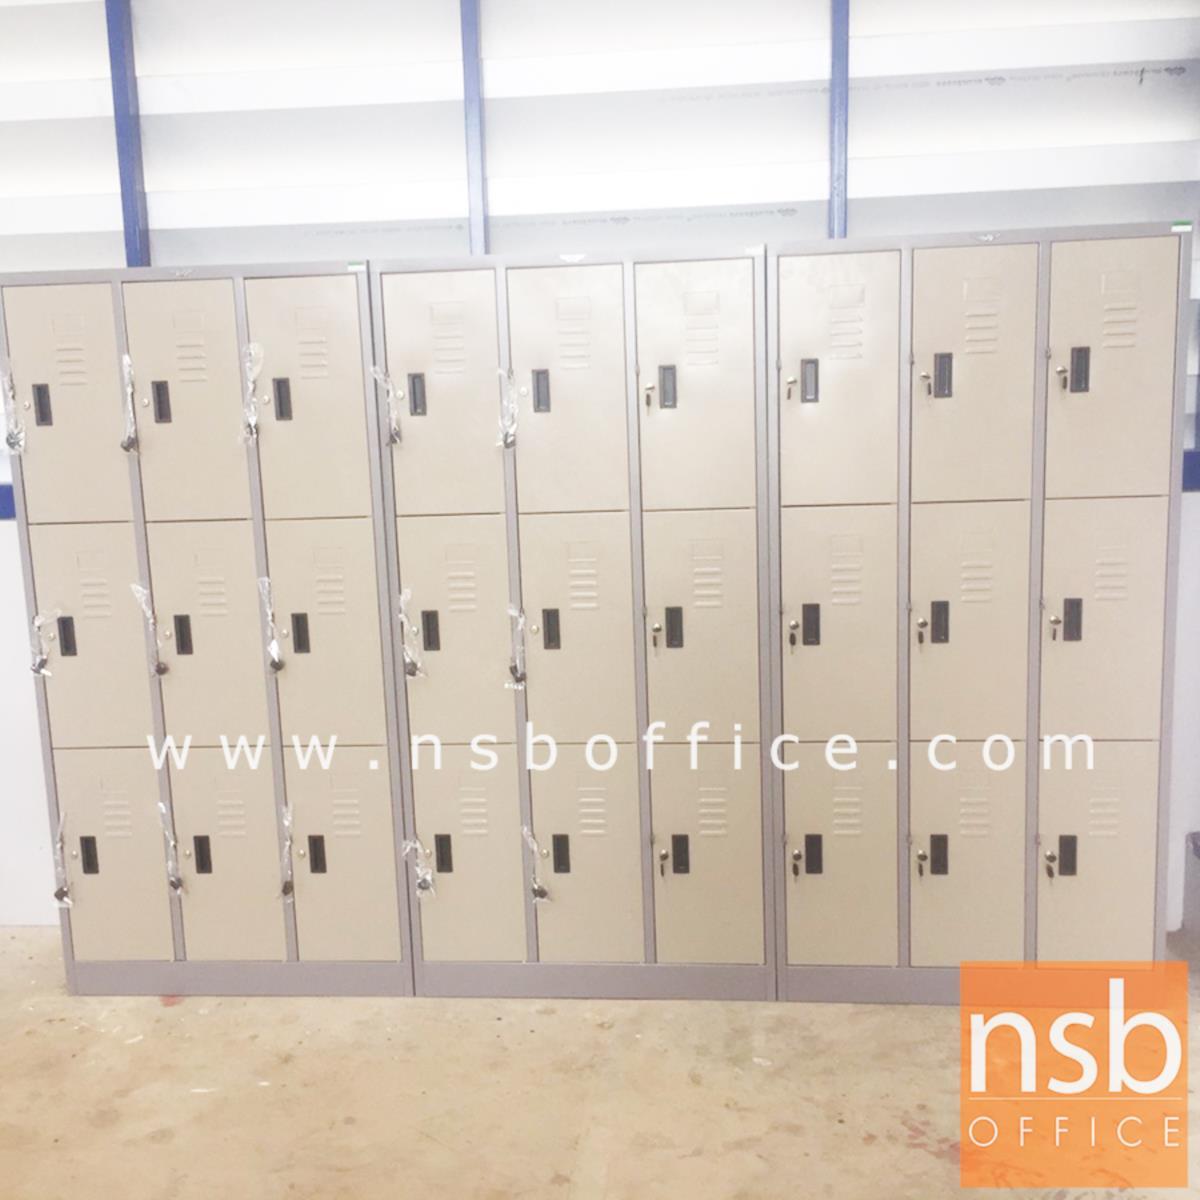 ตู้ล็อกเกอร์ 9 ประตู รุ่น Roshan (โรชาน)  ขนาด 91.4W*45.7D*182.9H cm.